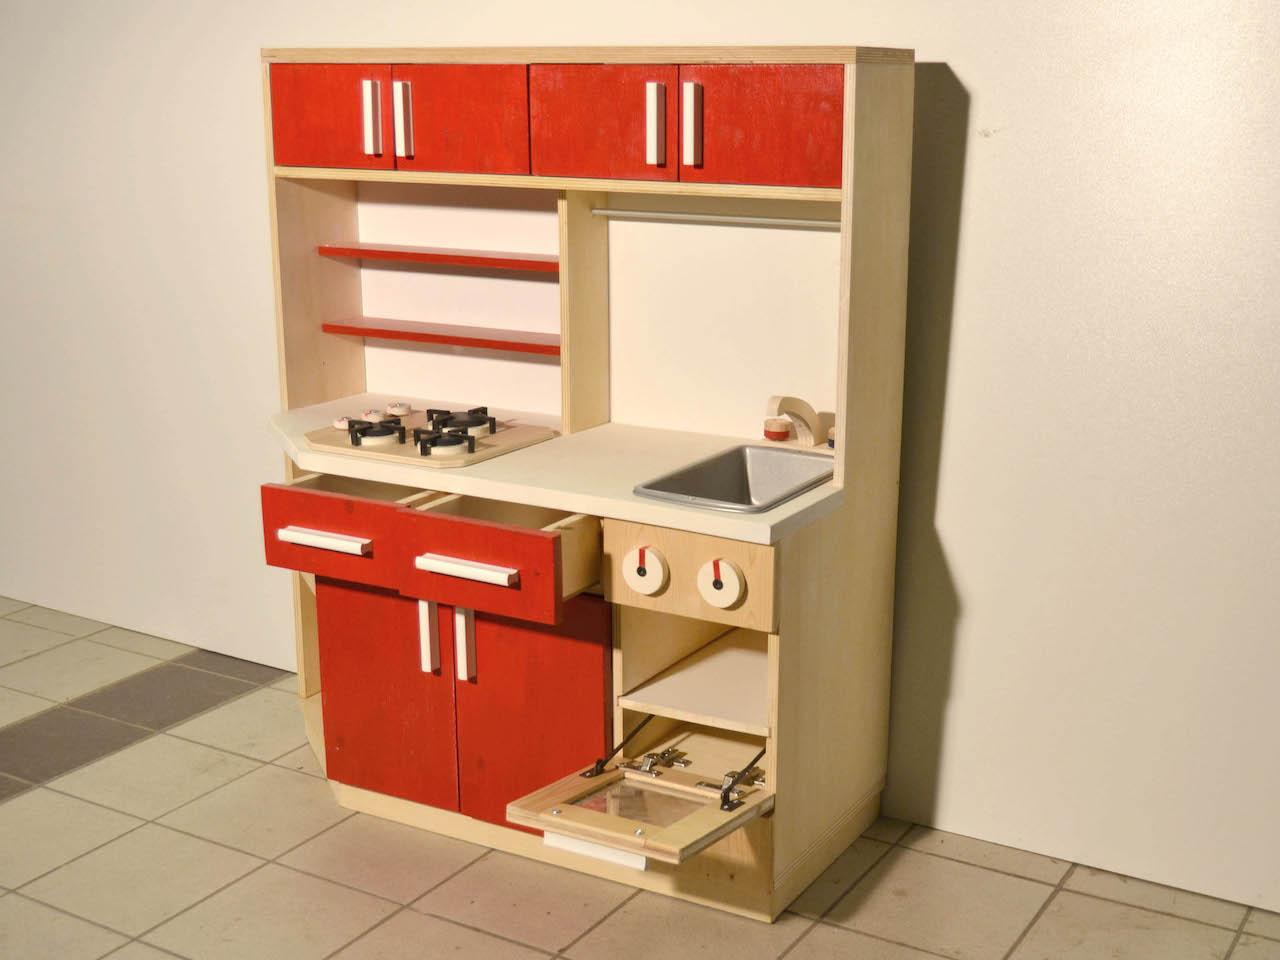 Andrea zanchetta cucina giocattolo atanor officina degli elementi - Cucine giocattolo ...